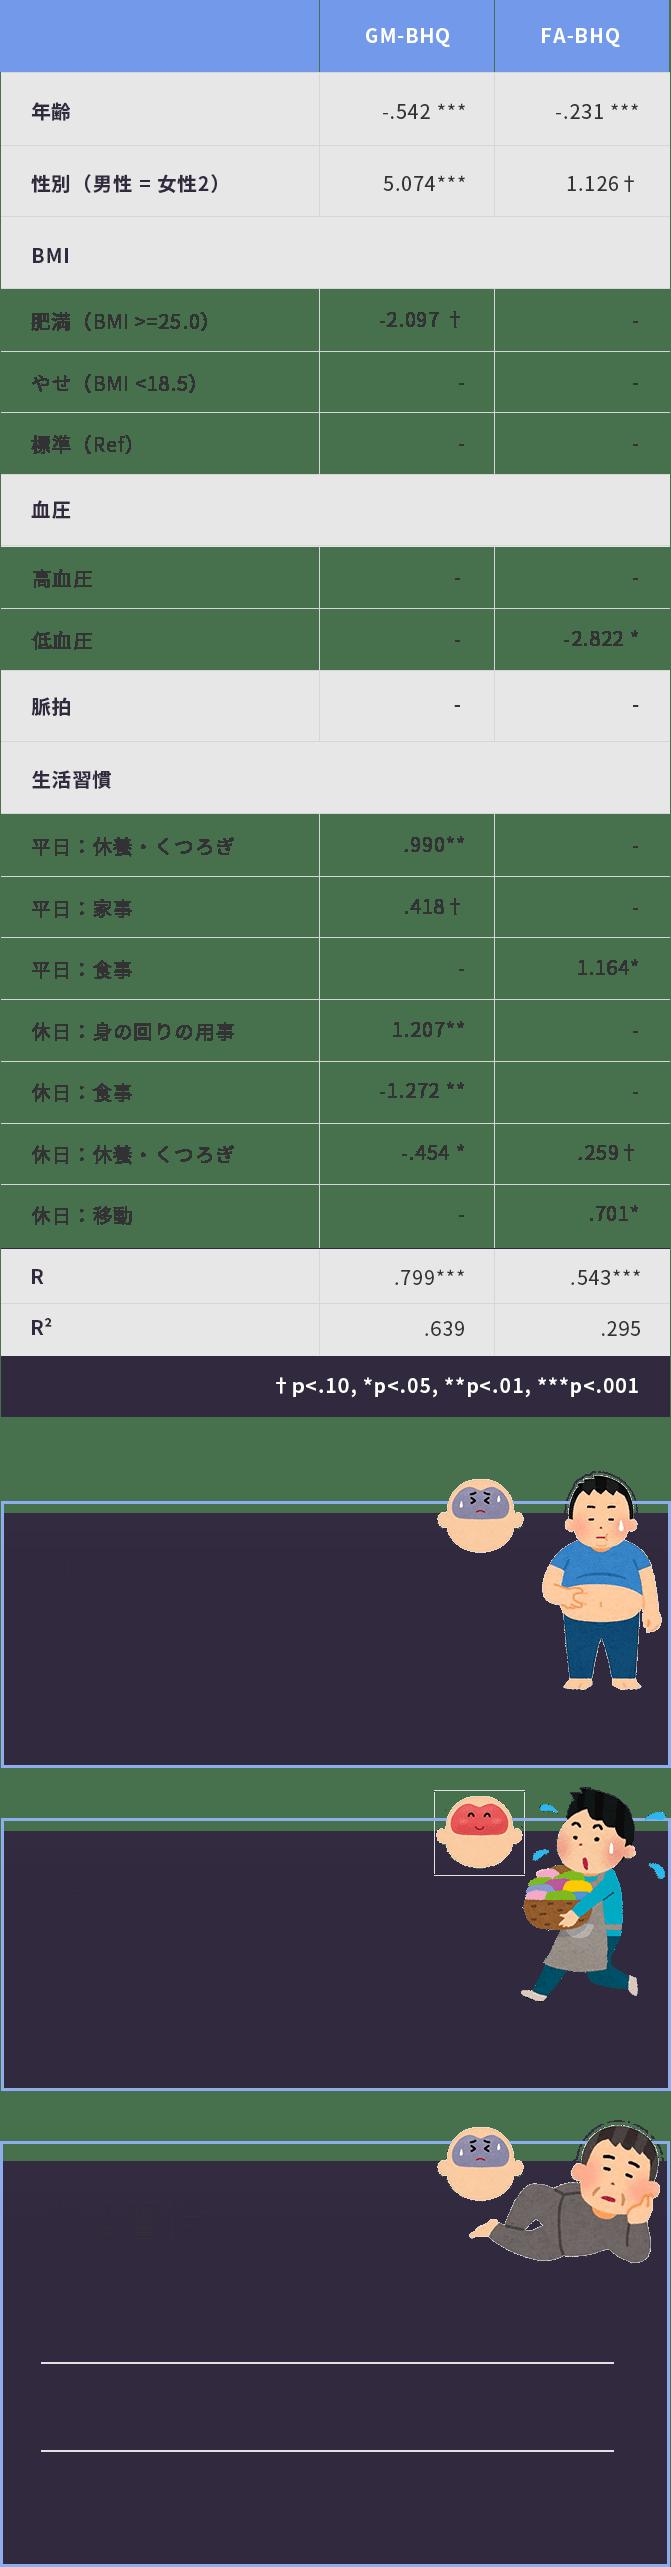 人間ドック情報やライフスタイルとBHQの関係図